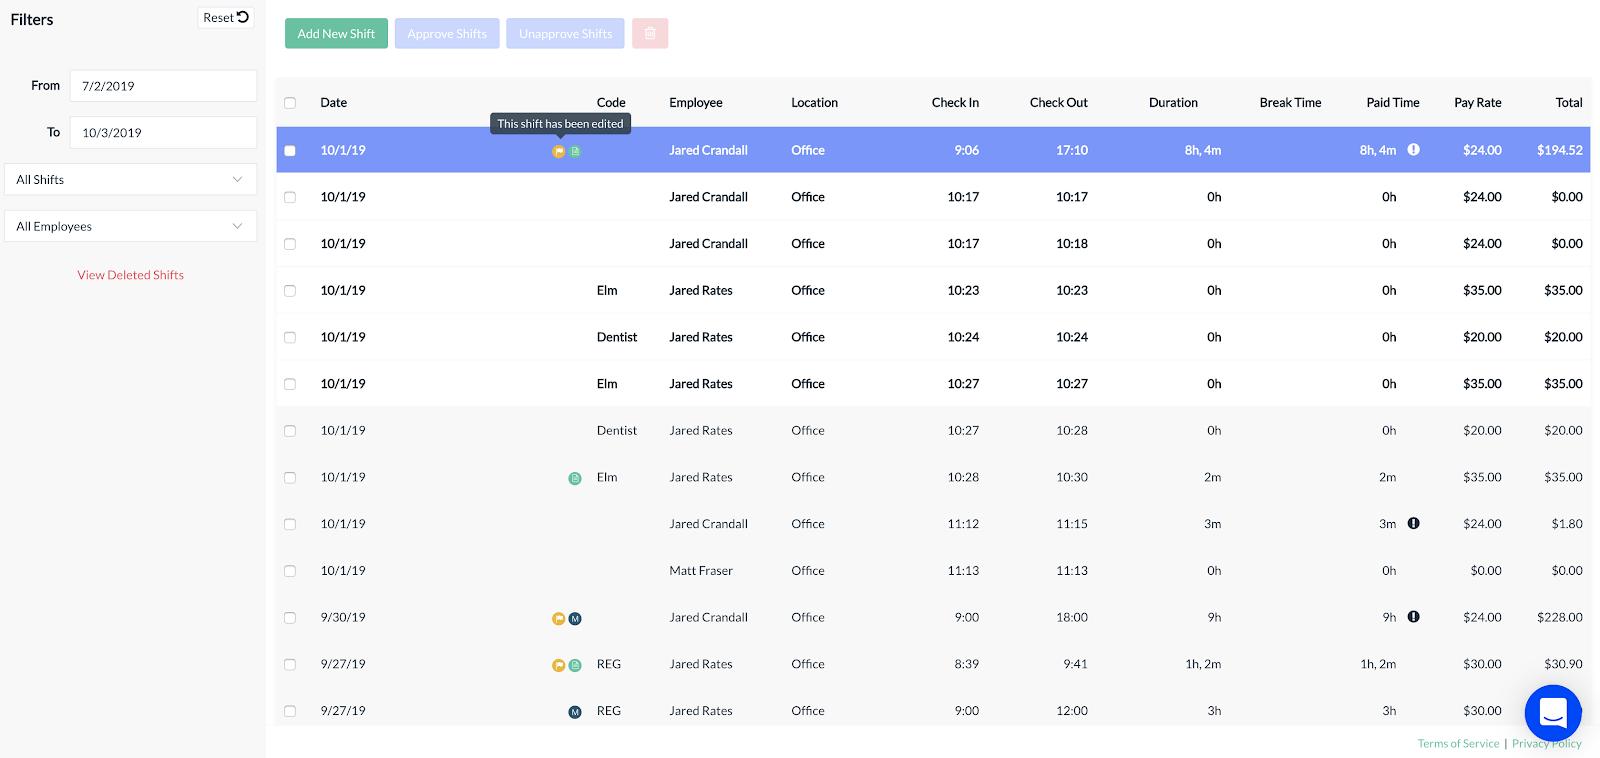 Screenshot showing the Manage Shifts screen